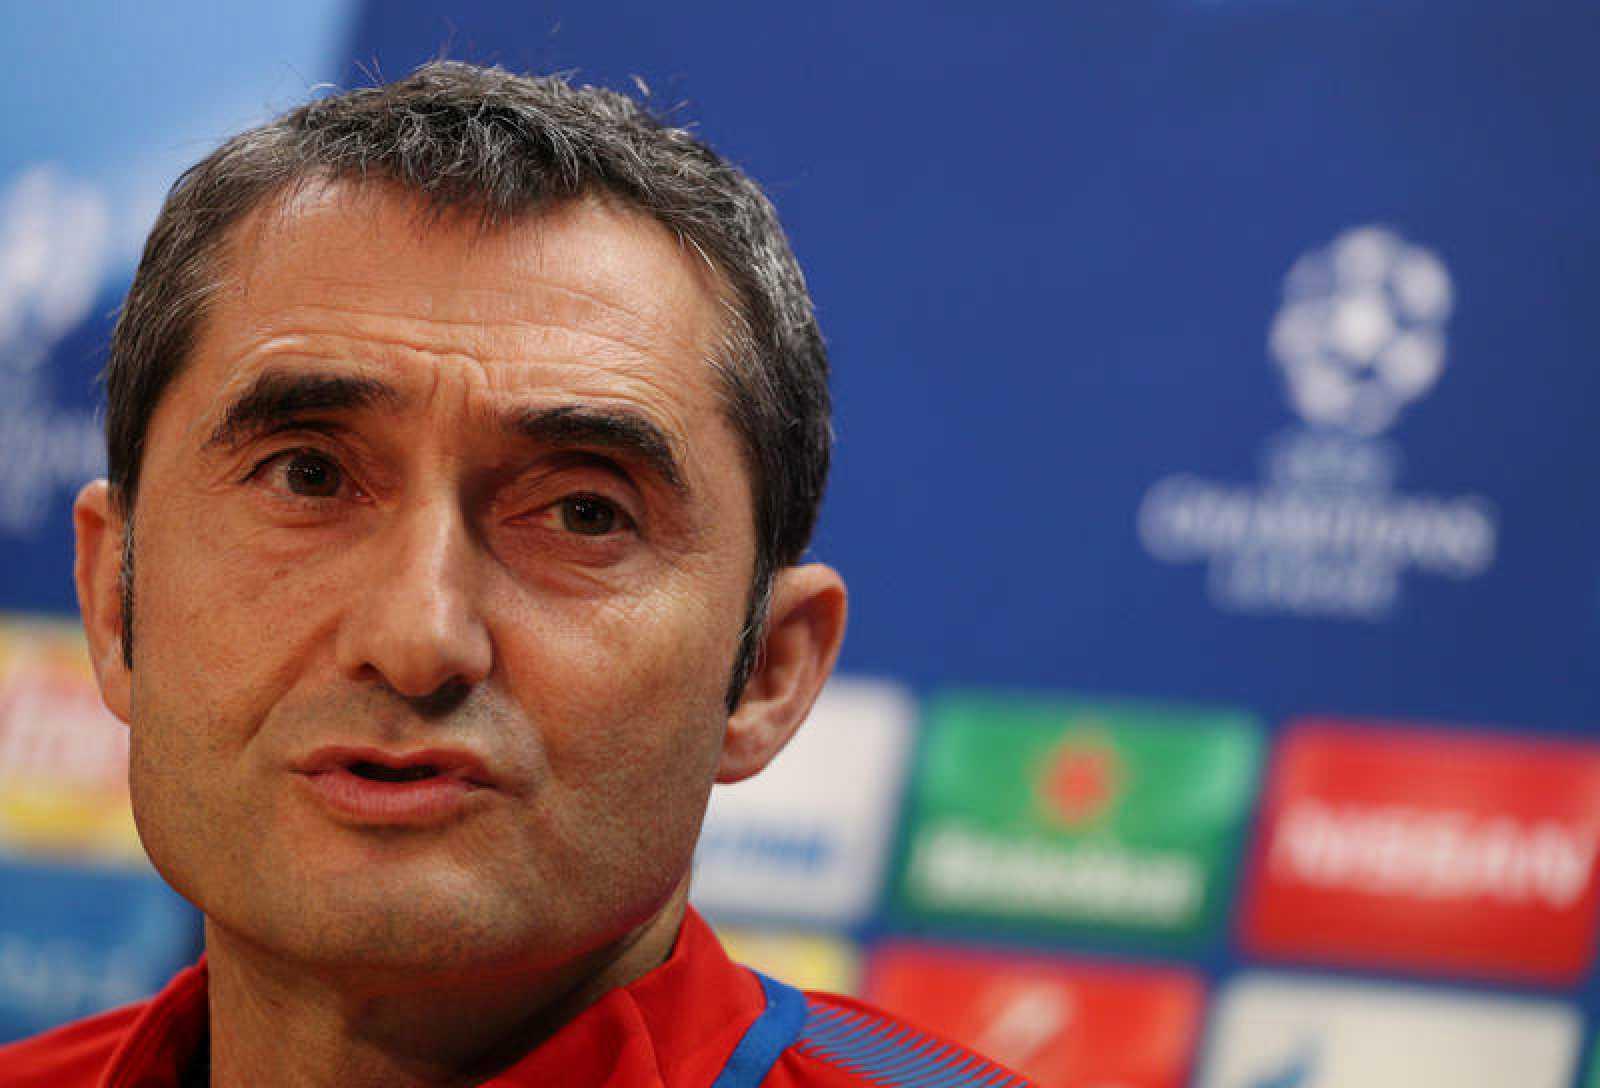 El entrenador del FC Barcelona, Ernesto Valverde, durante la rueda de prensa previa al partido.